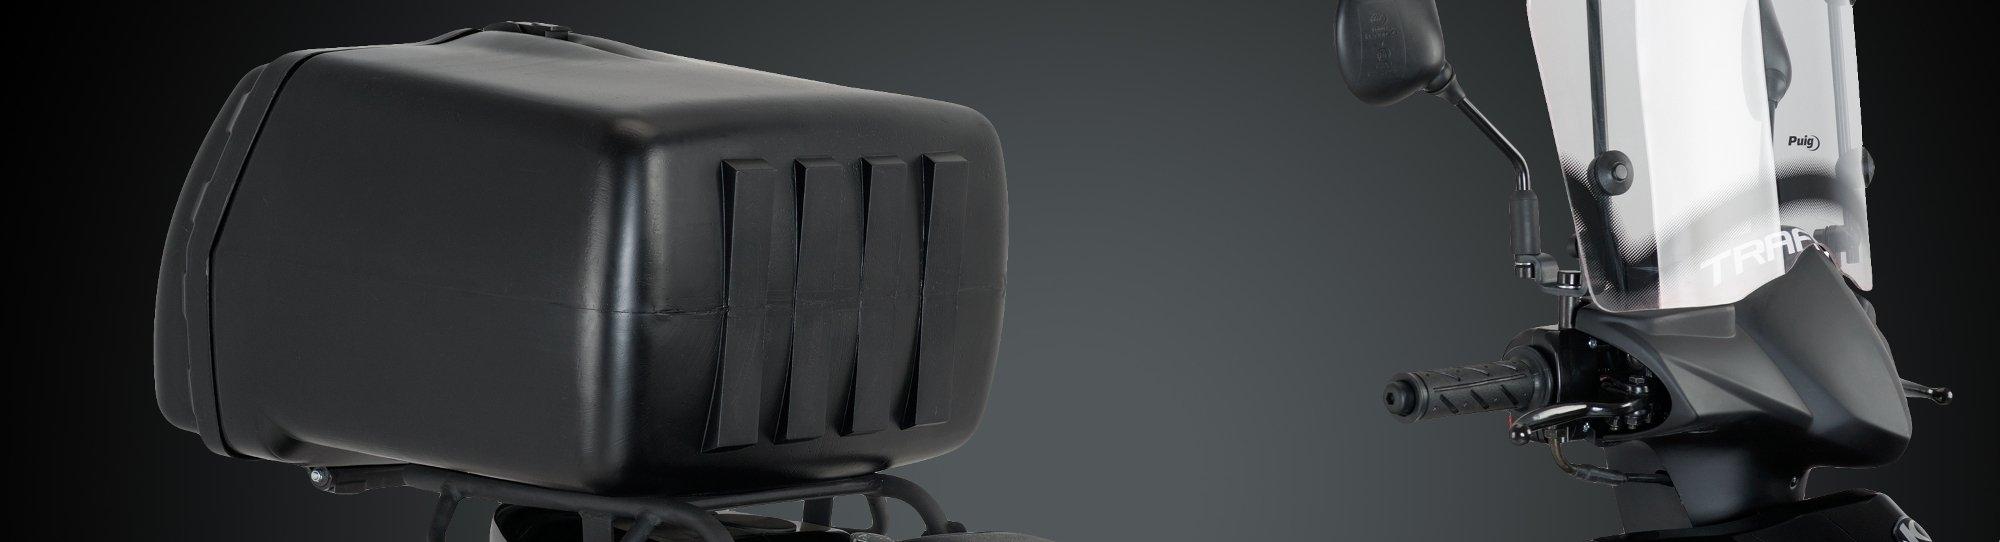 Box Puig : le coffre de livraison qui vous convient, pour moto et scooter !